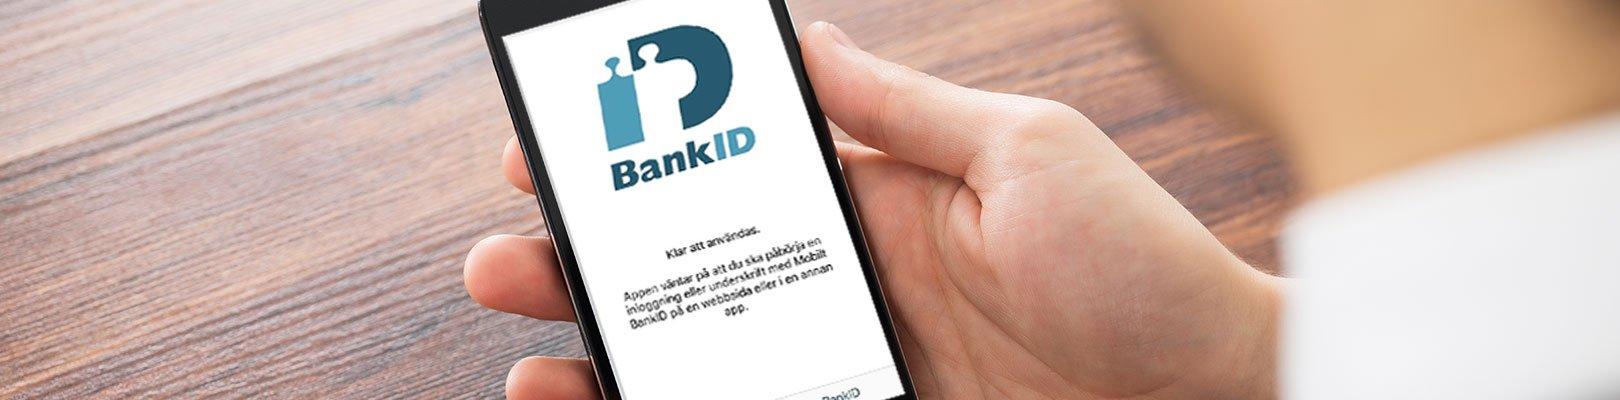 Spela casino med BankID